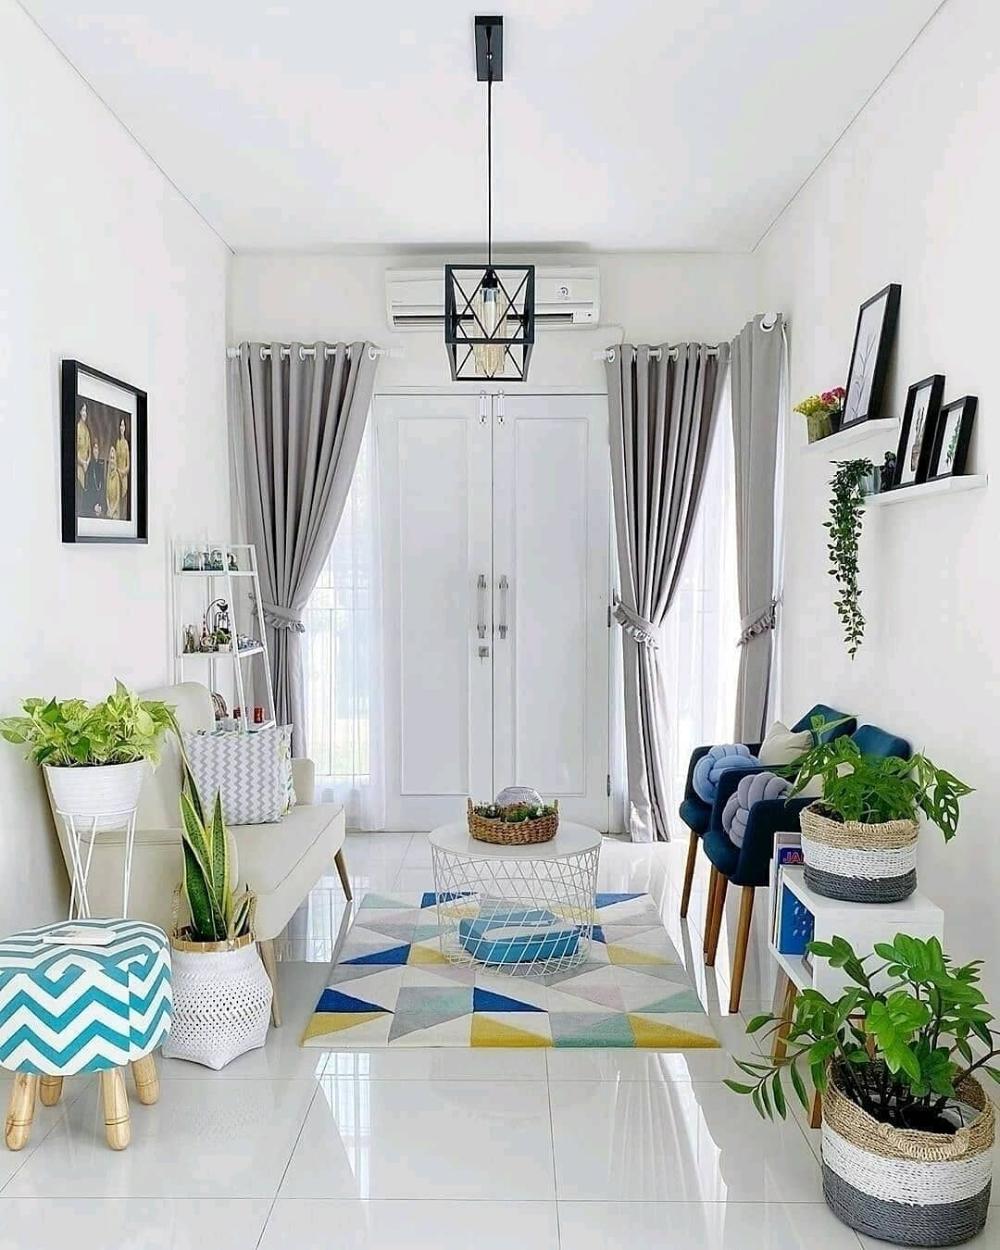 Warna Cat Tembok Ruang Tamu Yang Bagus Warna Putih Nampak